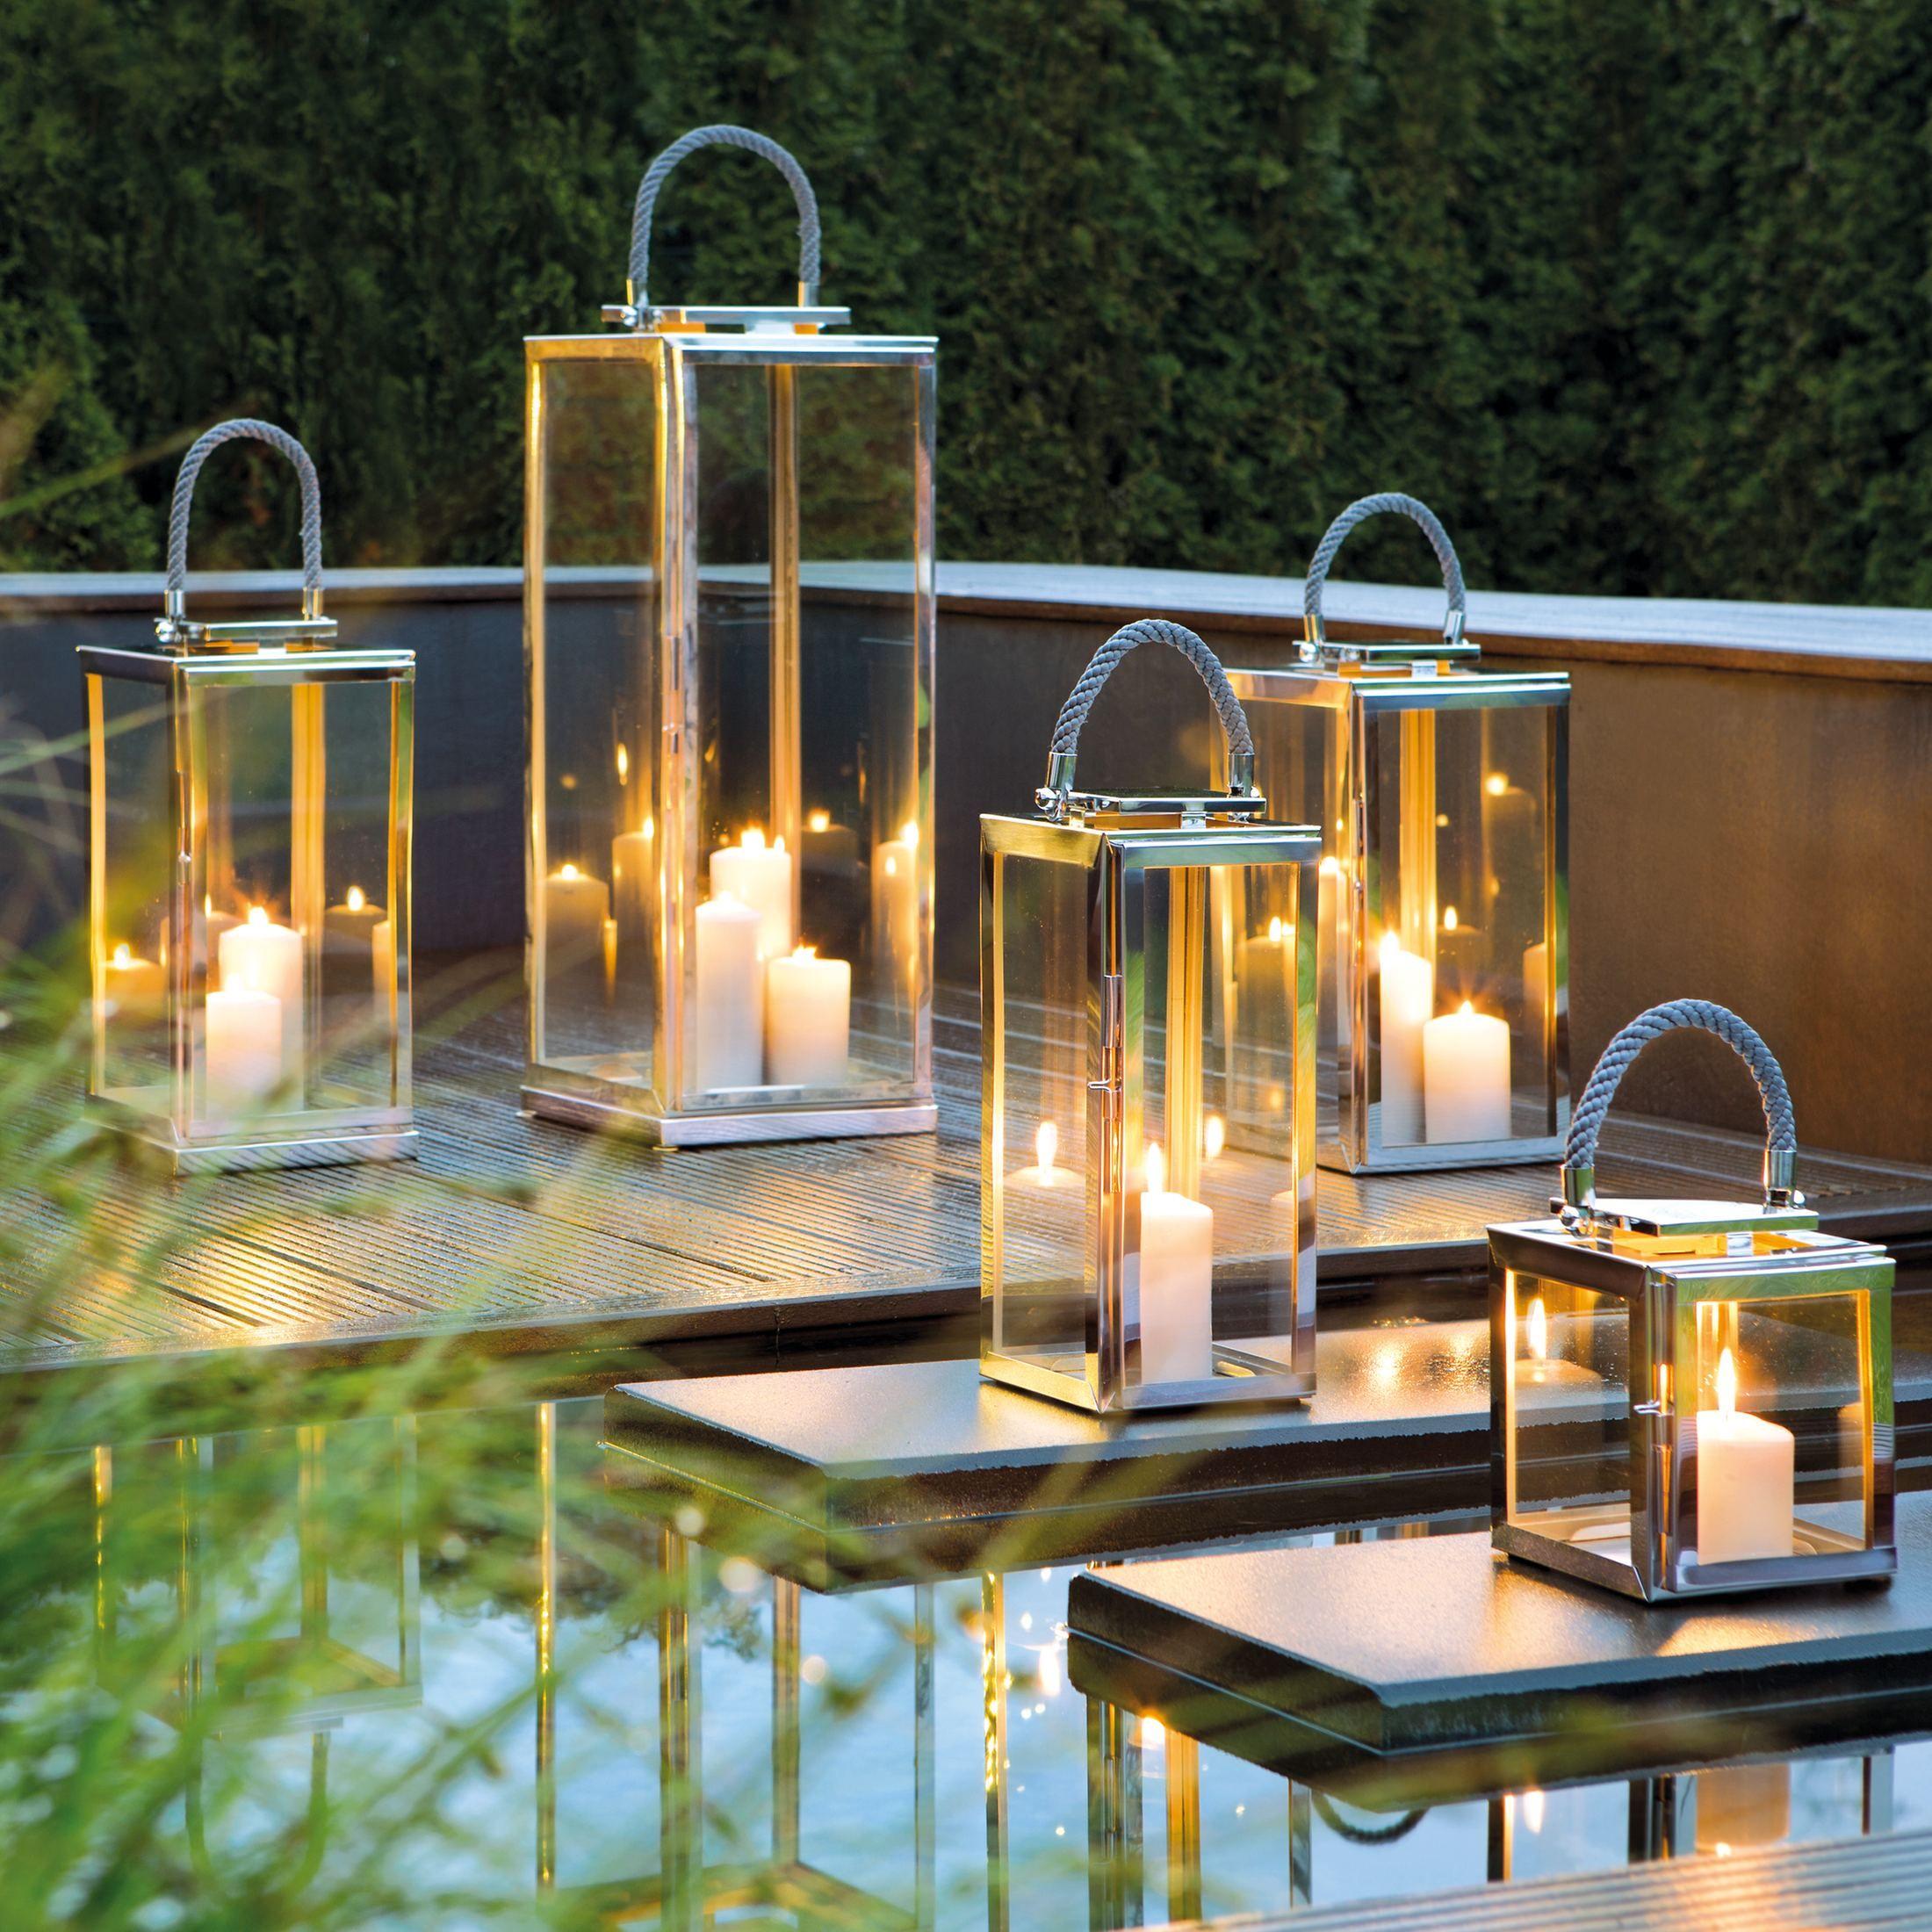 Gemutliche Outdoor Laternen Aus Edelstahl Glas Mit Tragegriff Von Fink Living Outdoor Laternen Laterne Laterne Garten